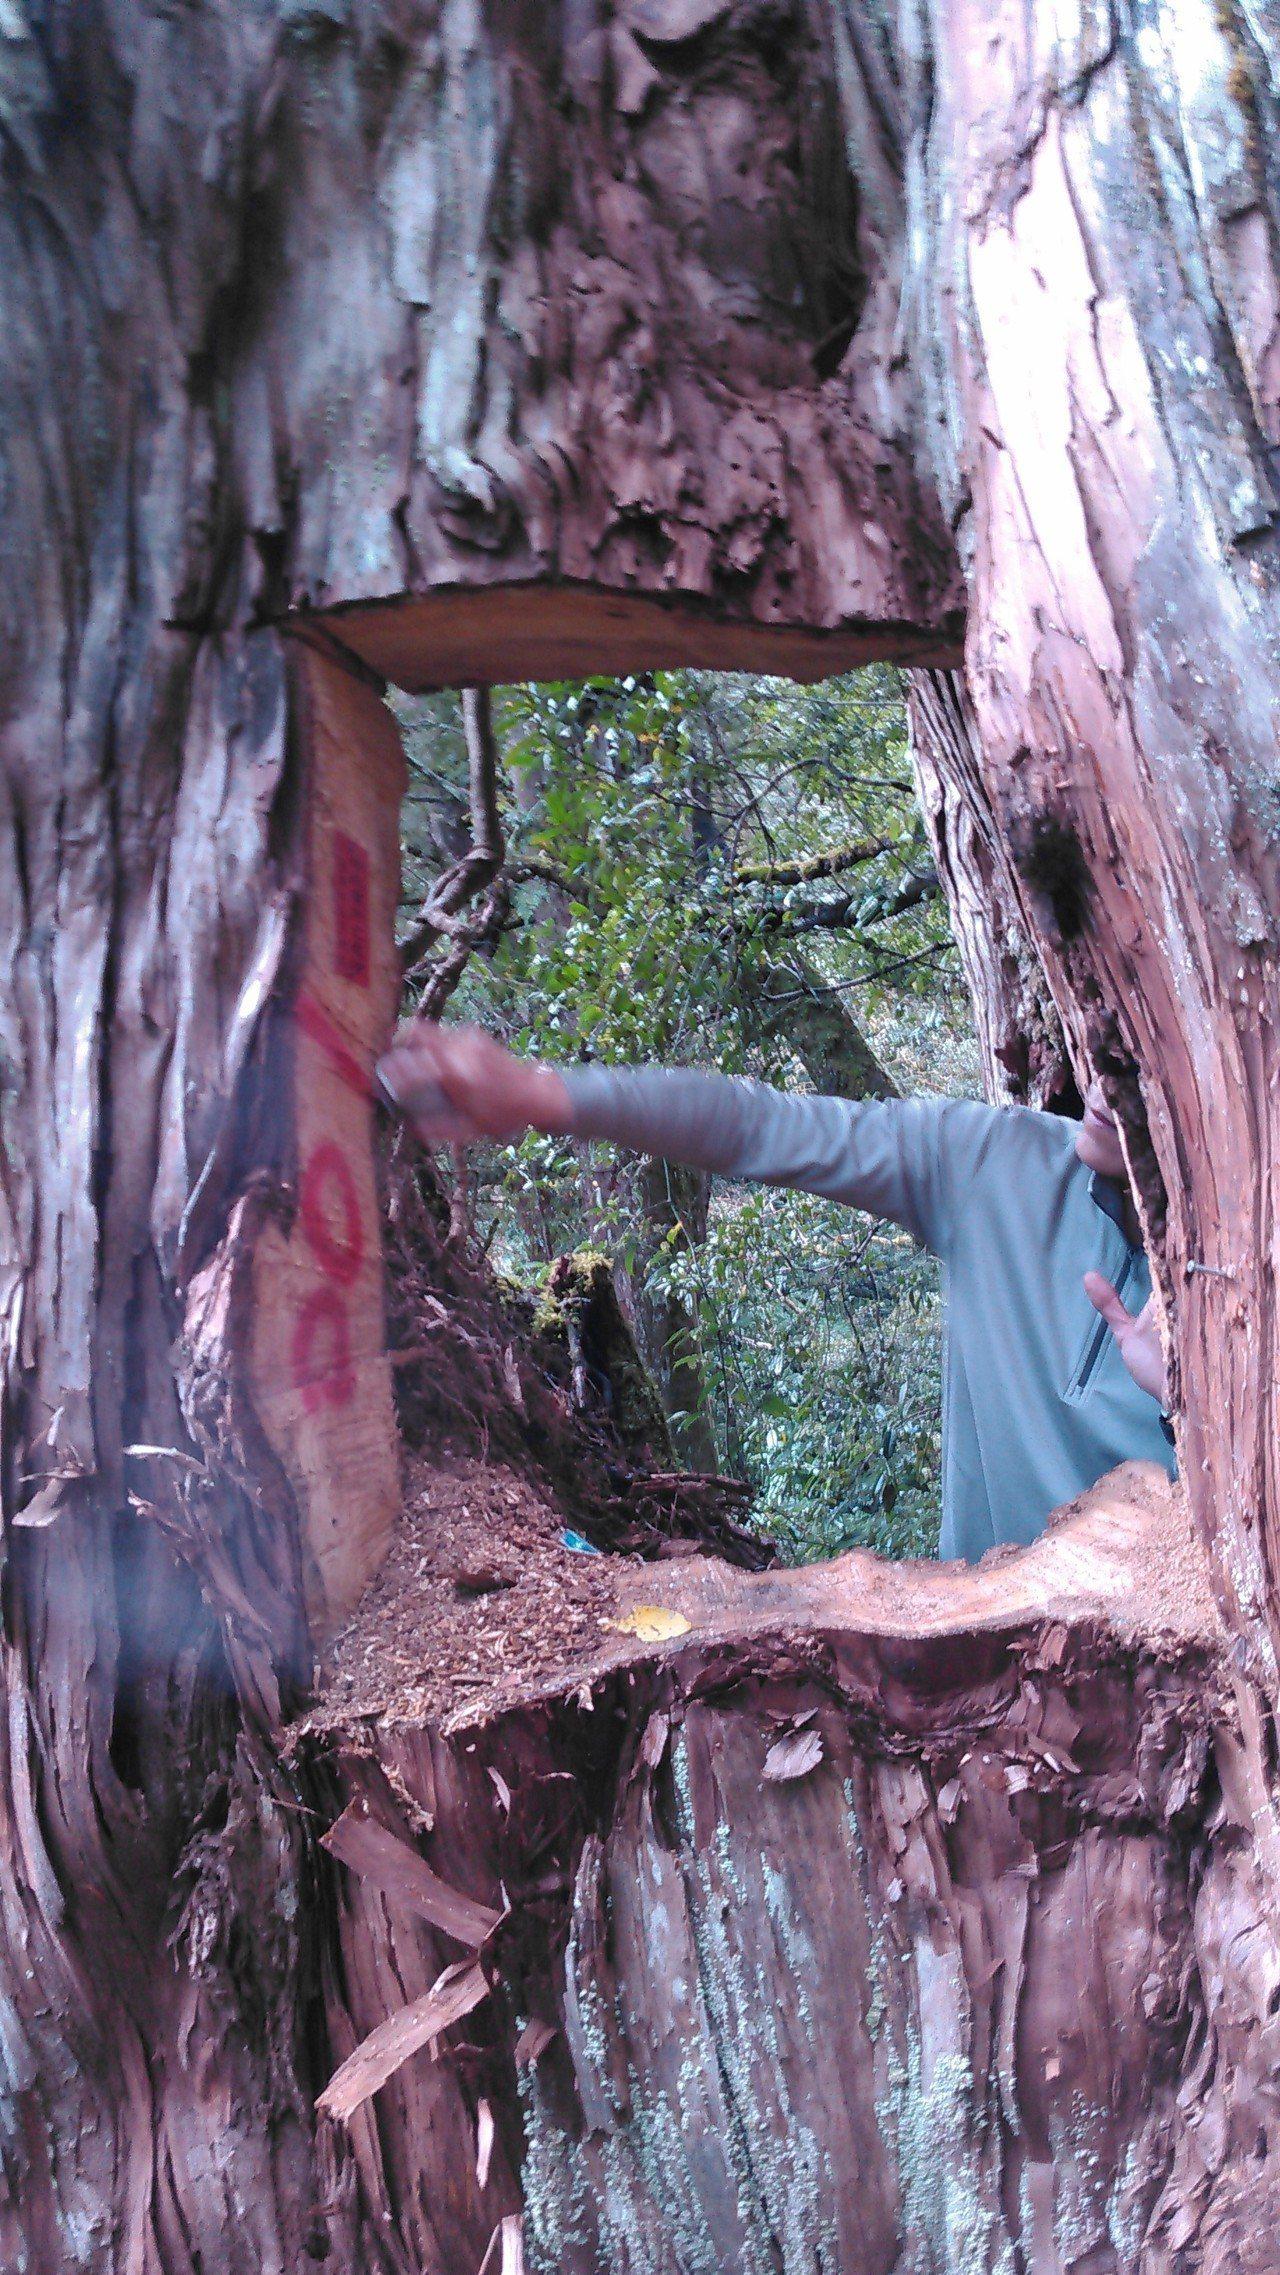 百年神木被山老鼠直接挖出一個洞,此舉容易造成樹木感染生病,水份與養份難以運輸而枯...